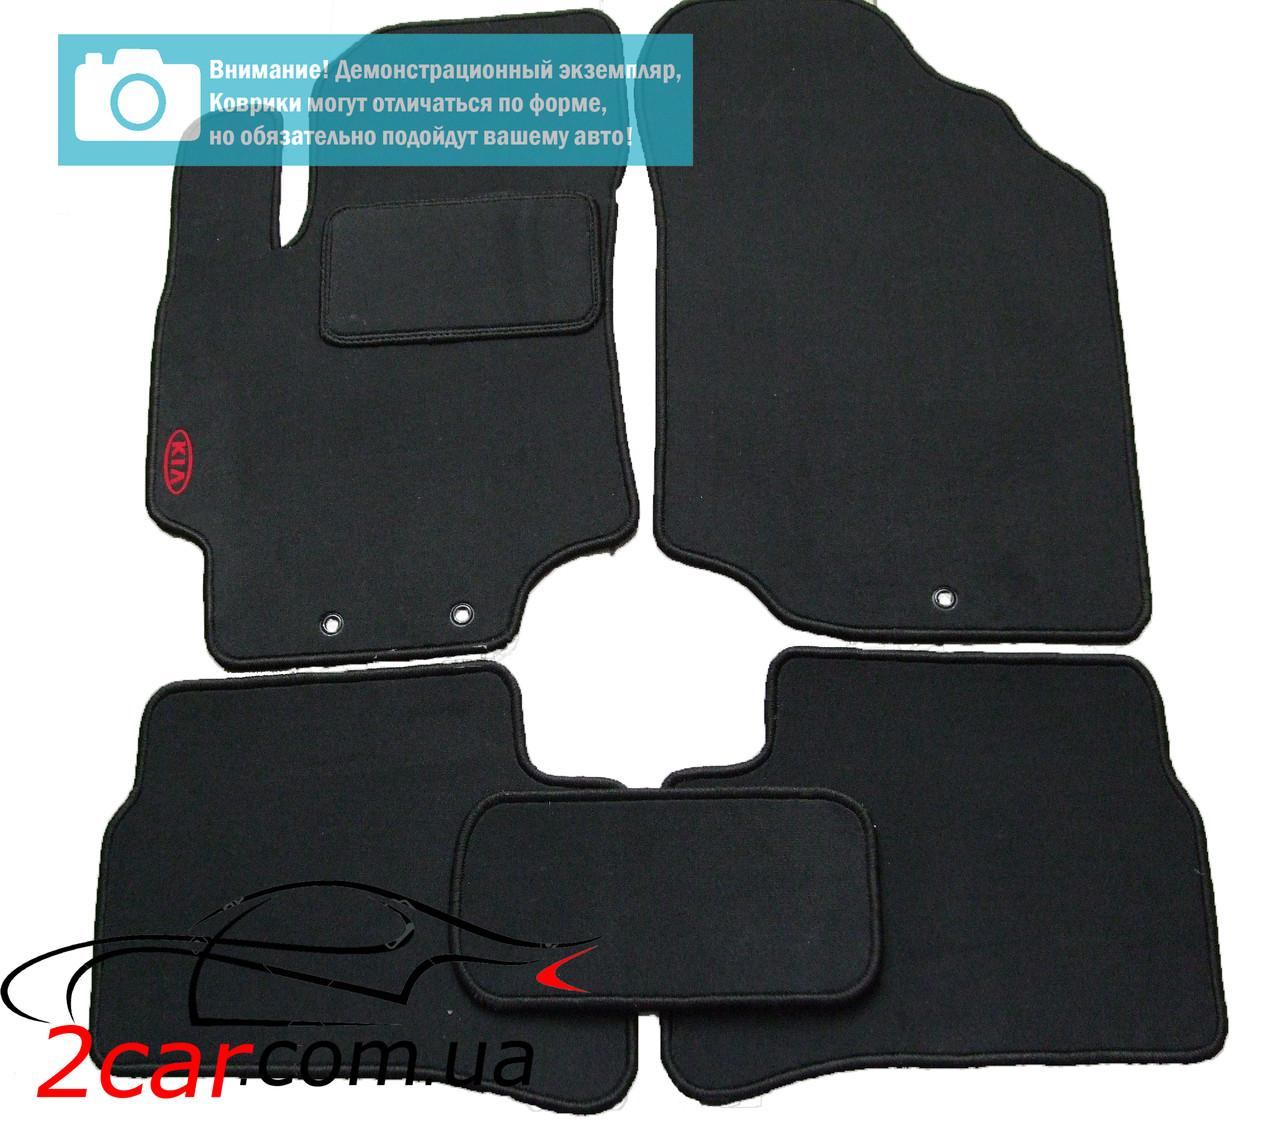 Текстильные коврики в салон для Ford Mondeo 3 (2000-2007) (серые) (Sti